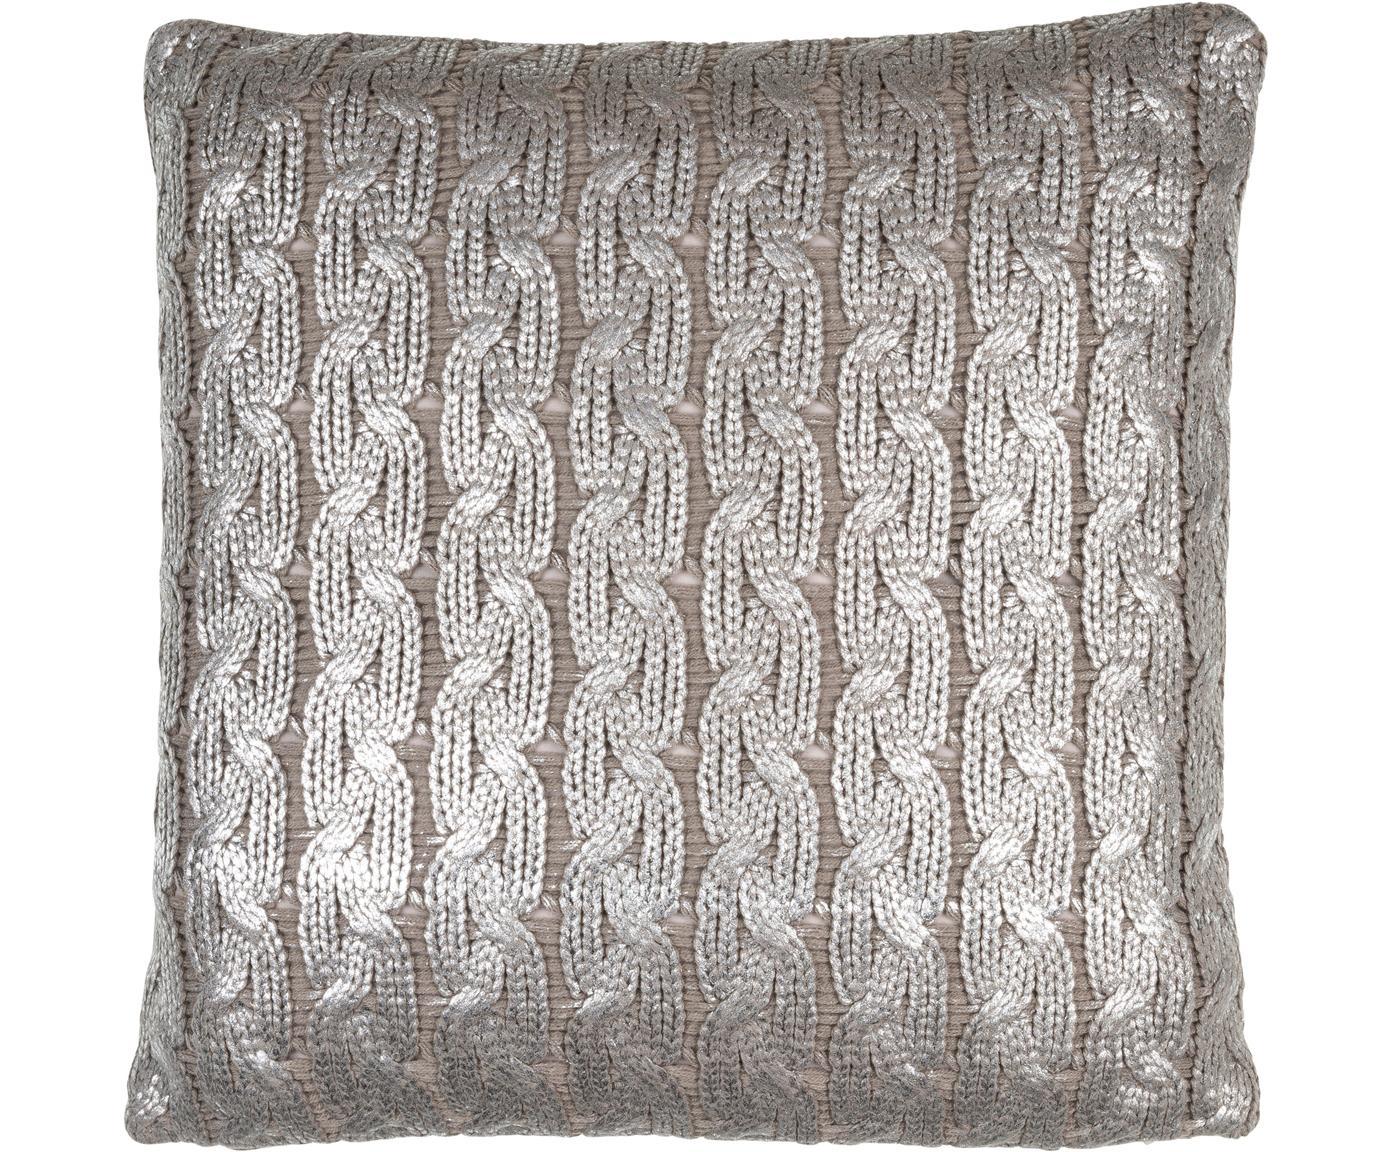 Strick-Kissenhülle Trenes schimmernd/glänzend in Taupe und Silber, 100% Acryl, Taupe, Silberfarben, 45 x 45 cm